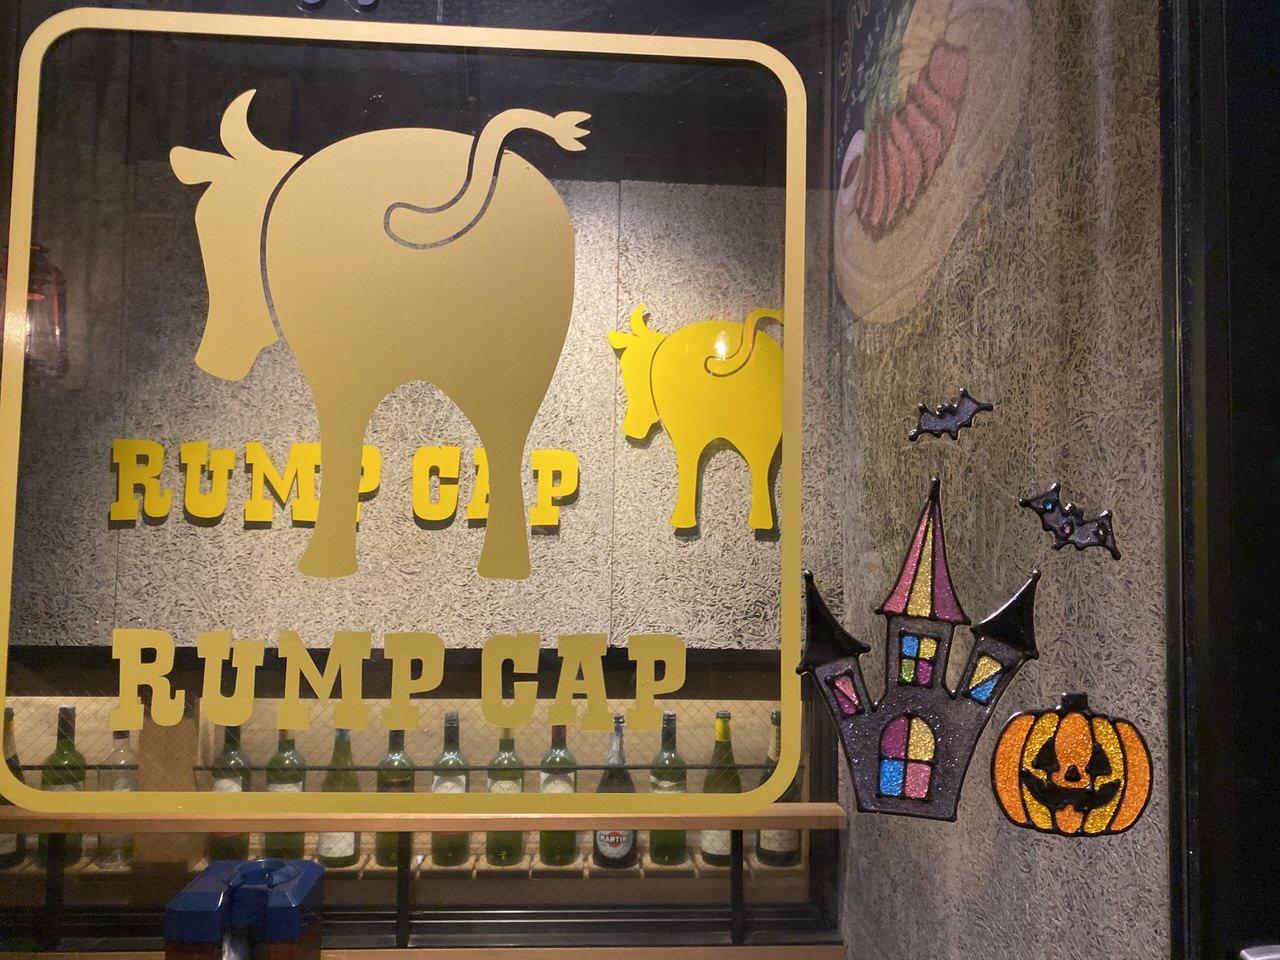 ランプキャップ渋谷店 12